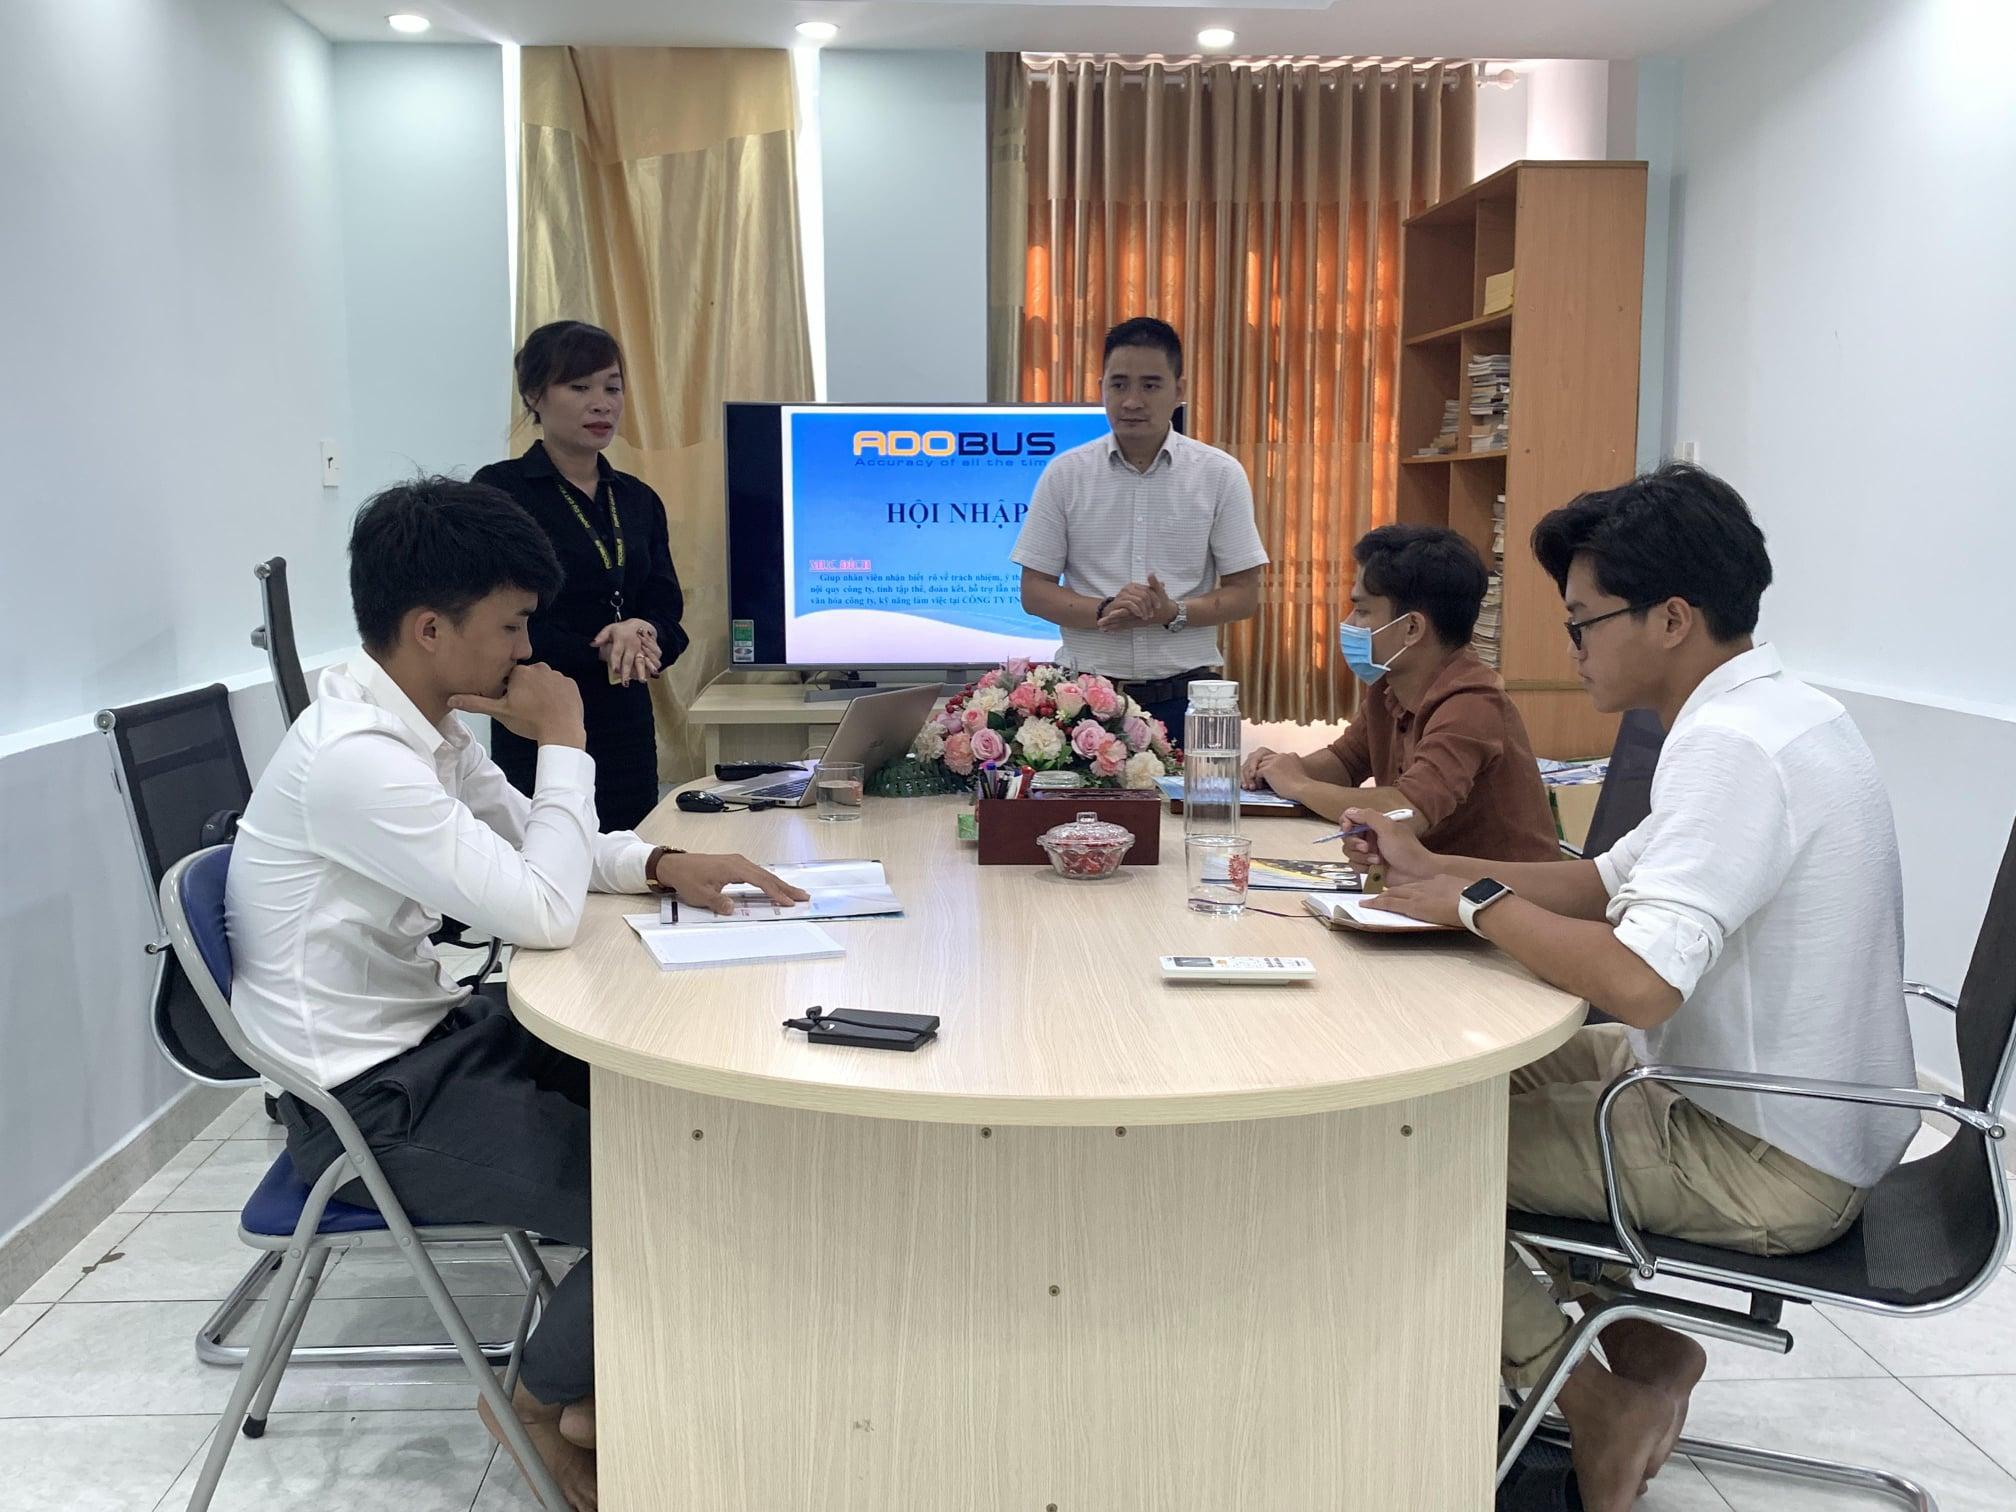 Adobus với hoạt động đào tạo hội nhập cho nhân viên mới 2021